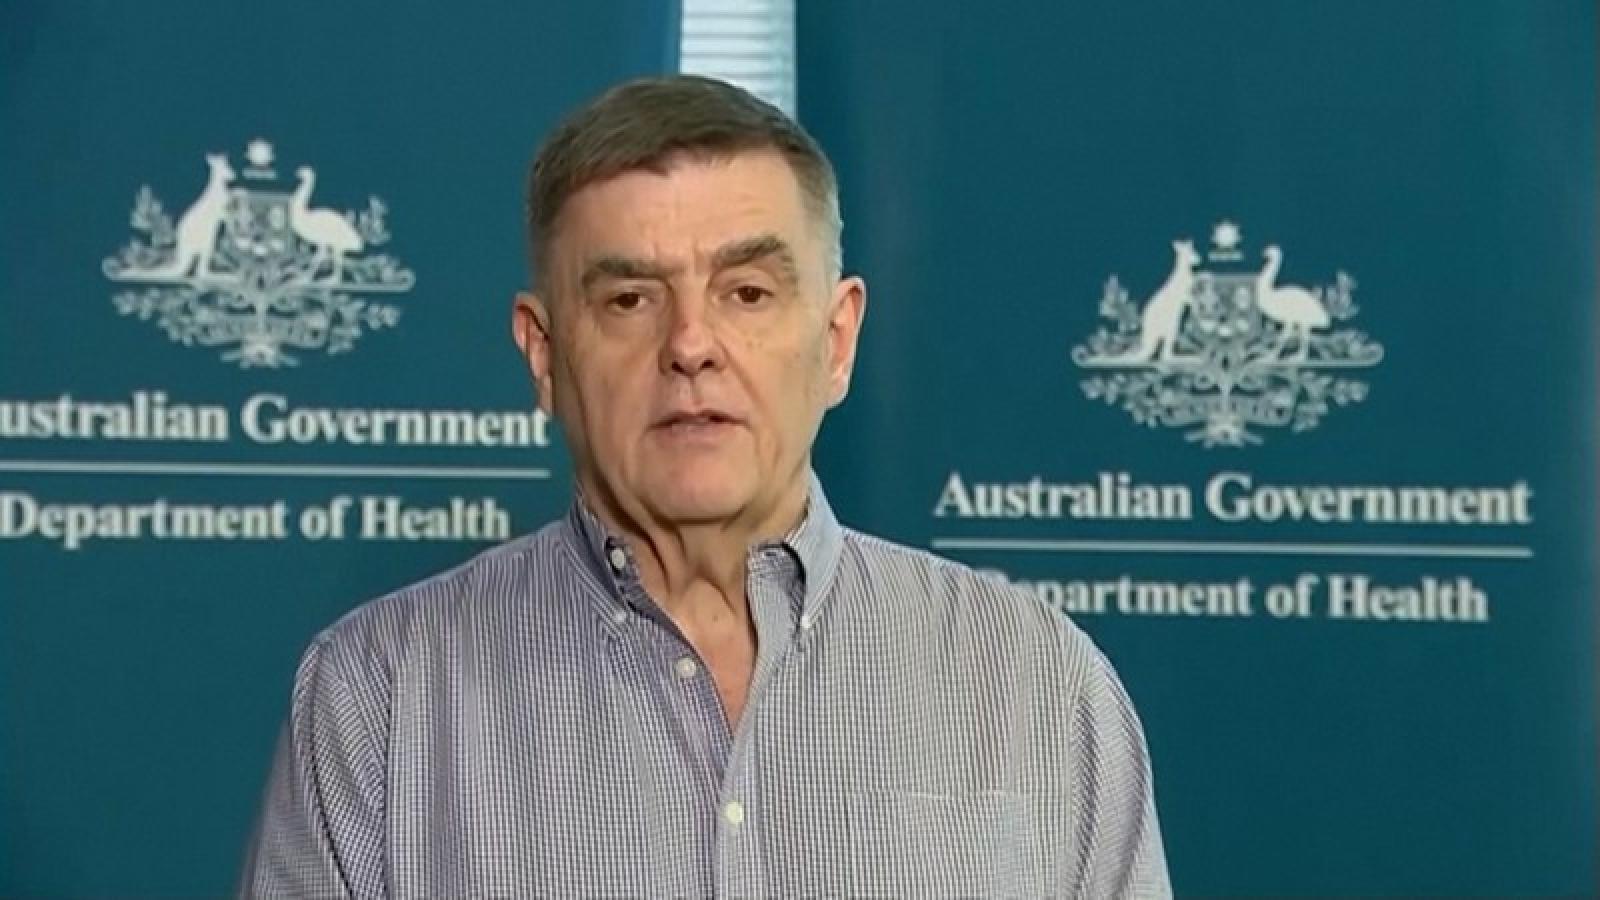 Australia mở rộng xét nghiệm Covid-19 với người không triệu chứng